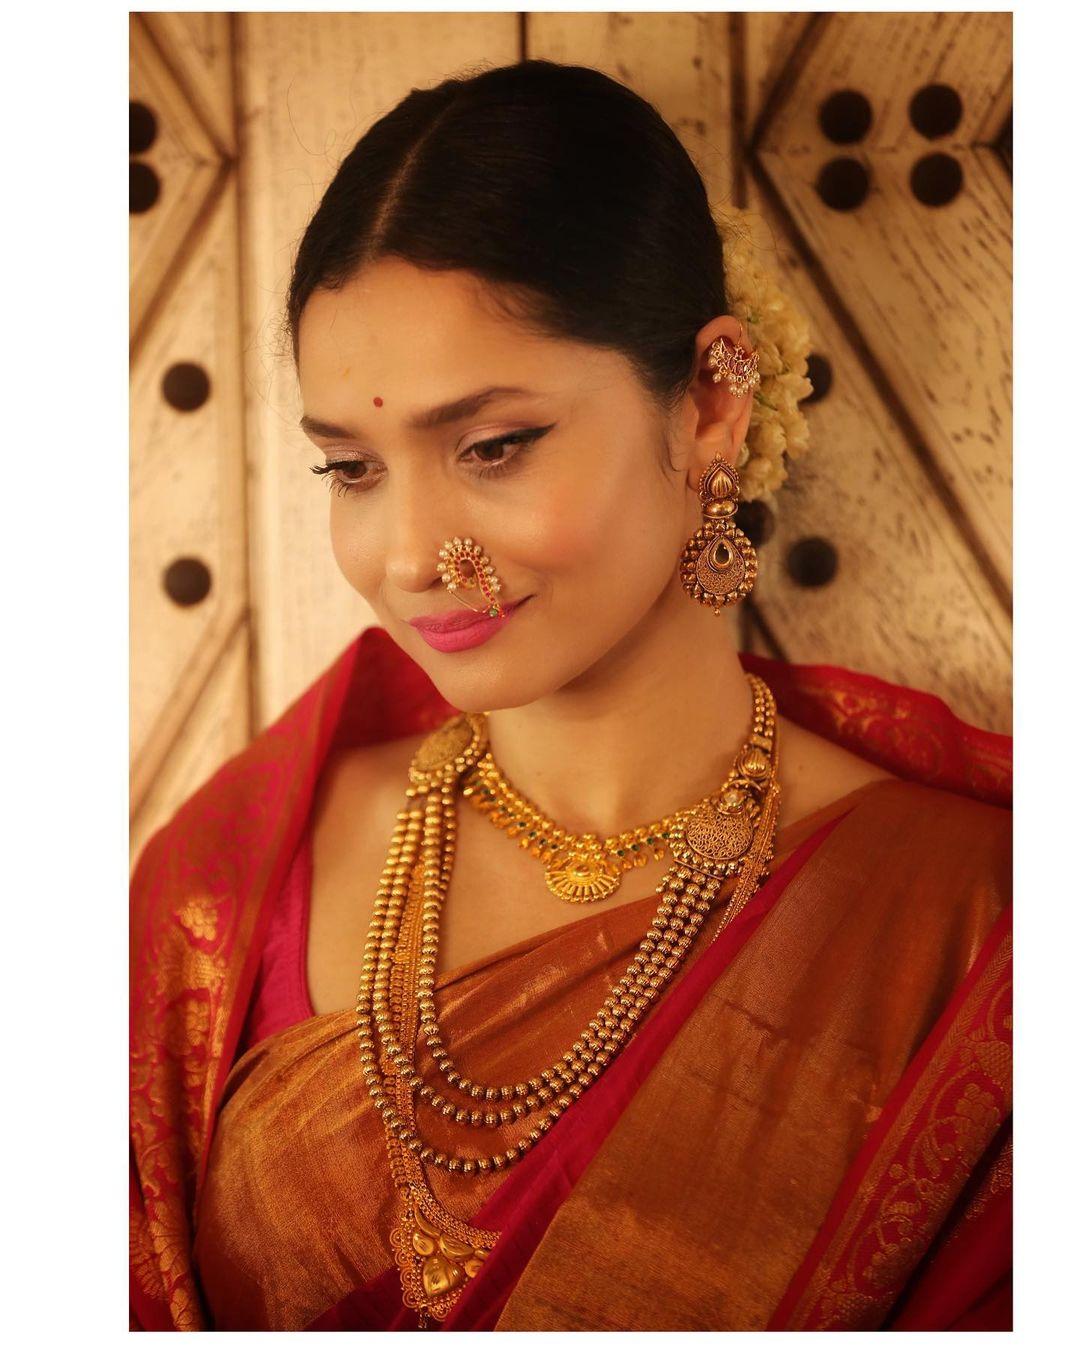 अंकिता लोखंडेनं आपले हे फोटो पोस्ट करत कॅप्शनमध्ये तिने 'या सणामध्ये तुम्ही एका महान संस्कृतीला बघू शकता,#मराठी #जय महाराष्ट्र असं लिहिलं आहे.